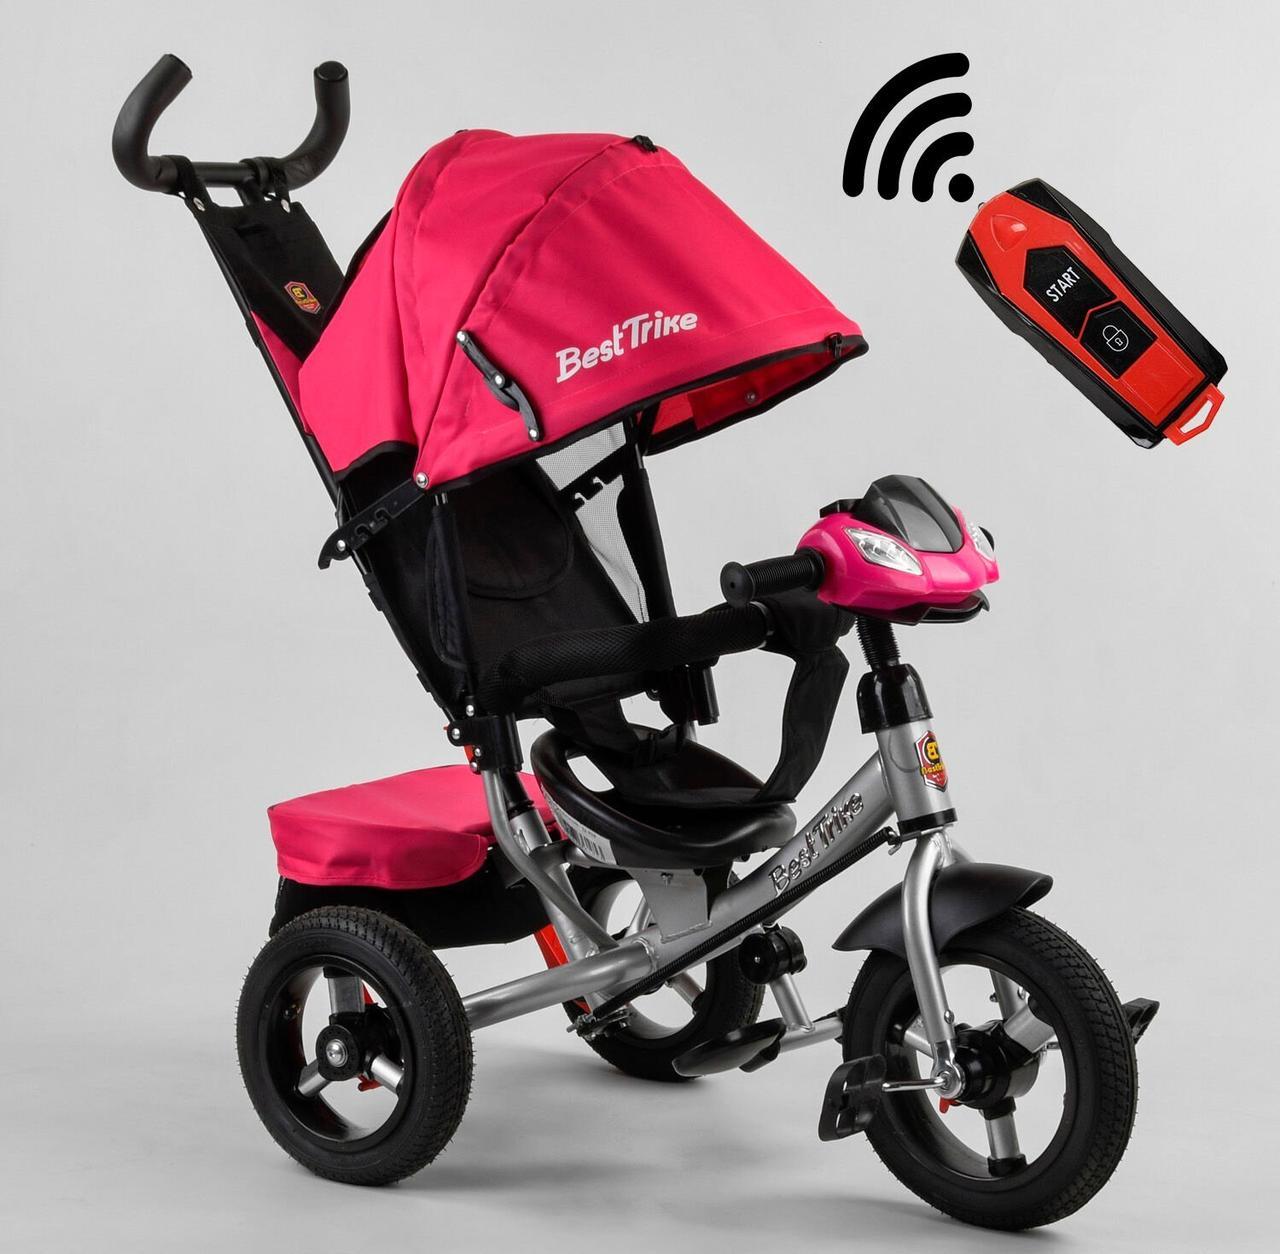 Дитячий триколісний велосипед з батьківською ручкою, козирком, кишенькою 3390/11-818 Best Trike, рожевий